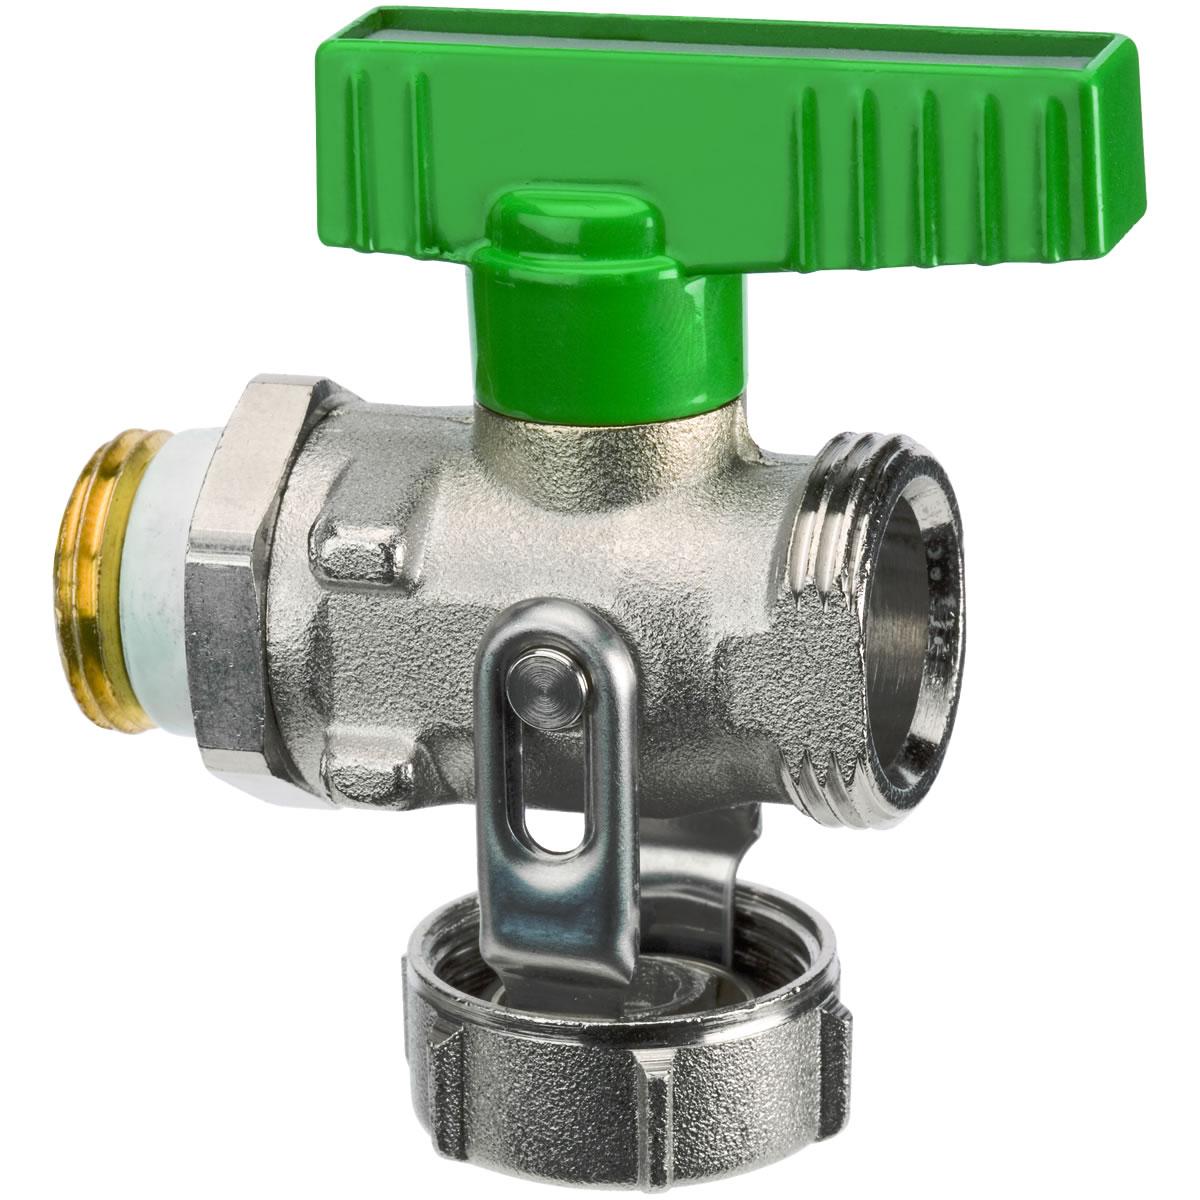 Extrem SIMPLEX KFE-Kugelhahn 1/2'' Durchgangsform für Trinkwasser QU77